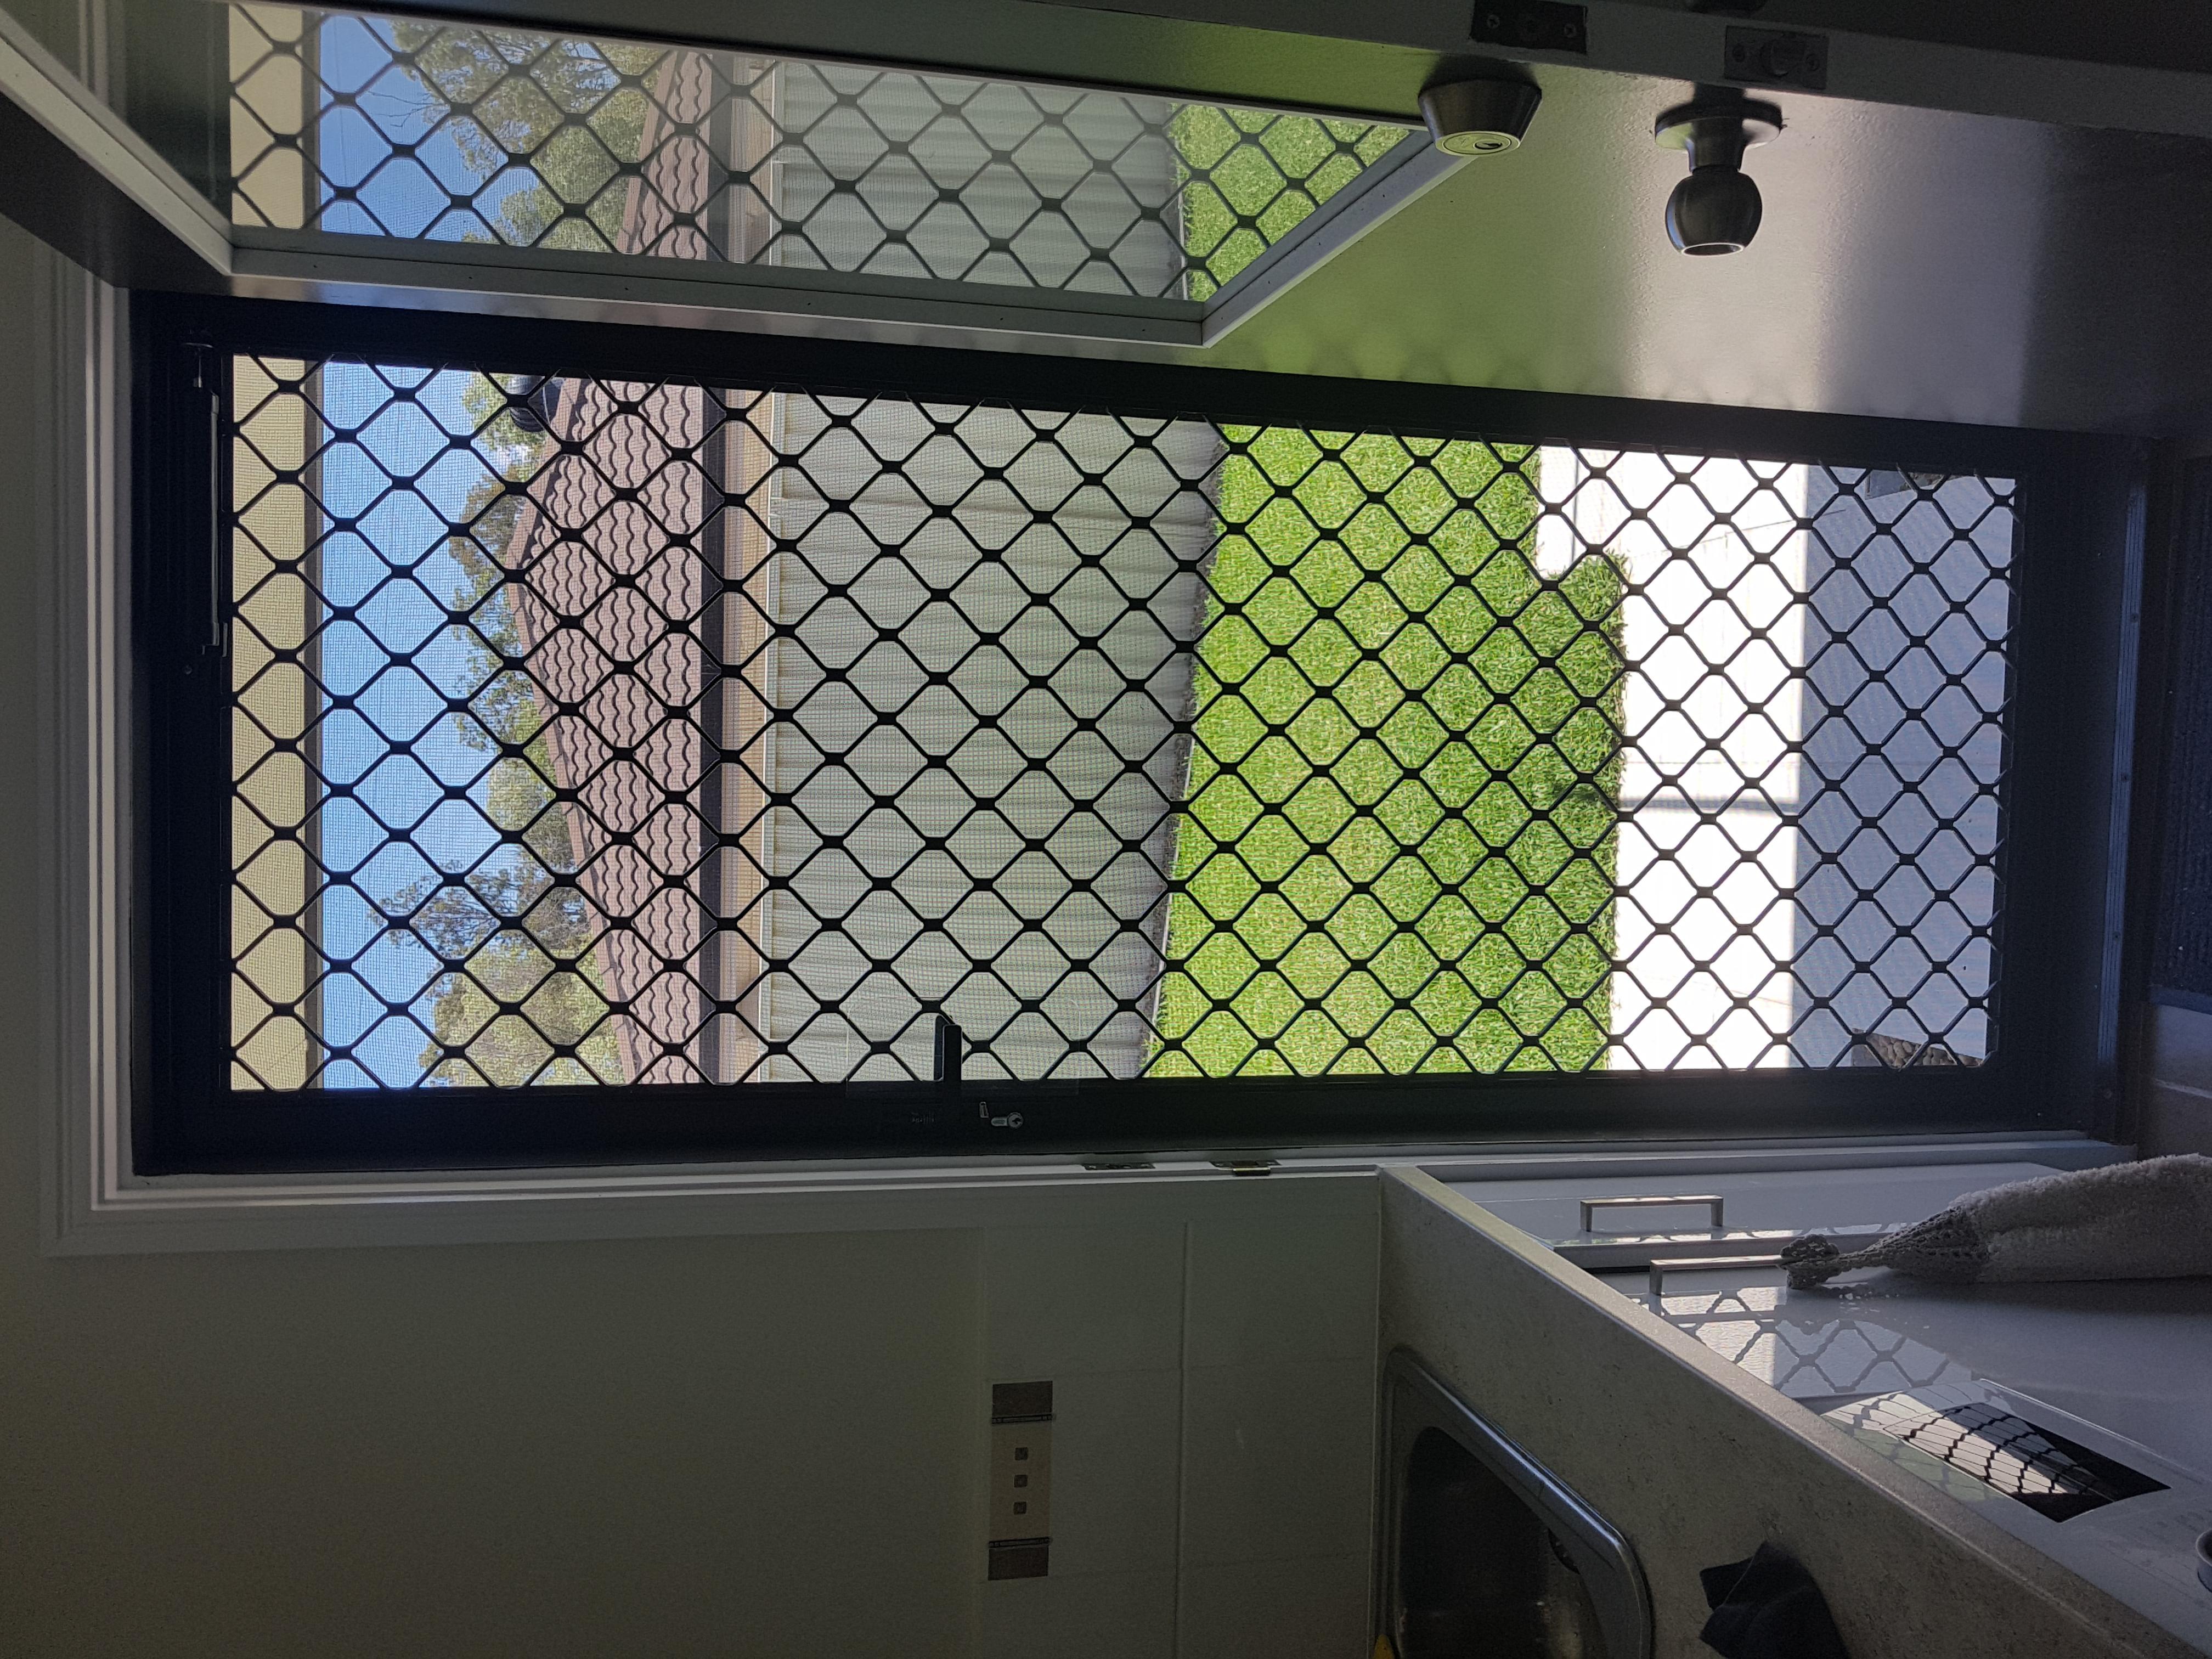 Cheaper security door options include diamond grille doors